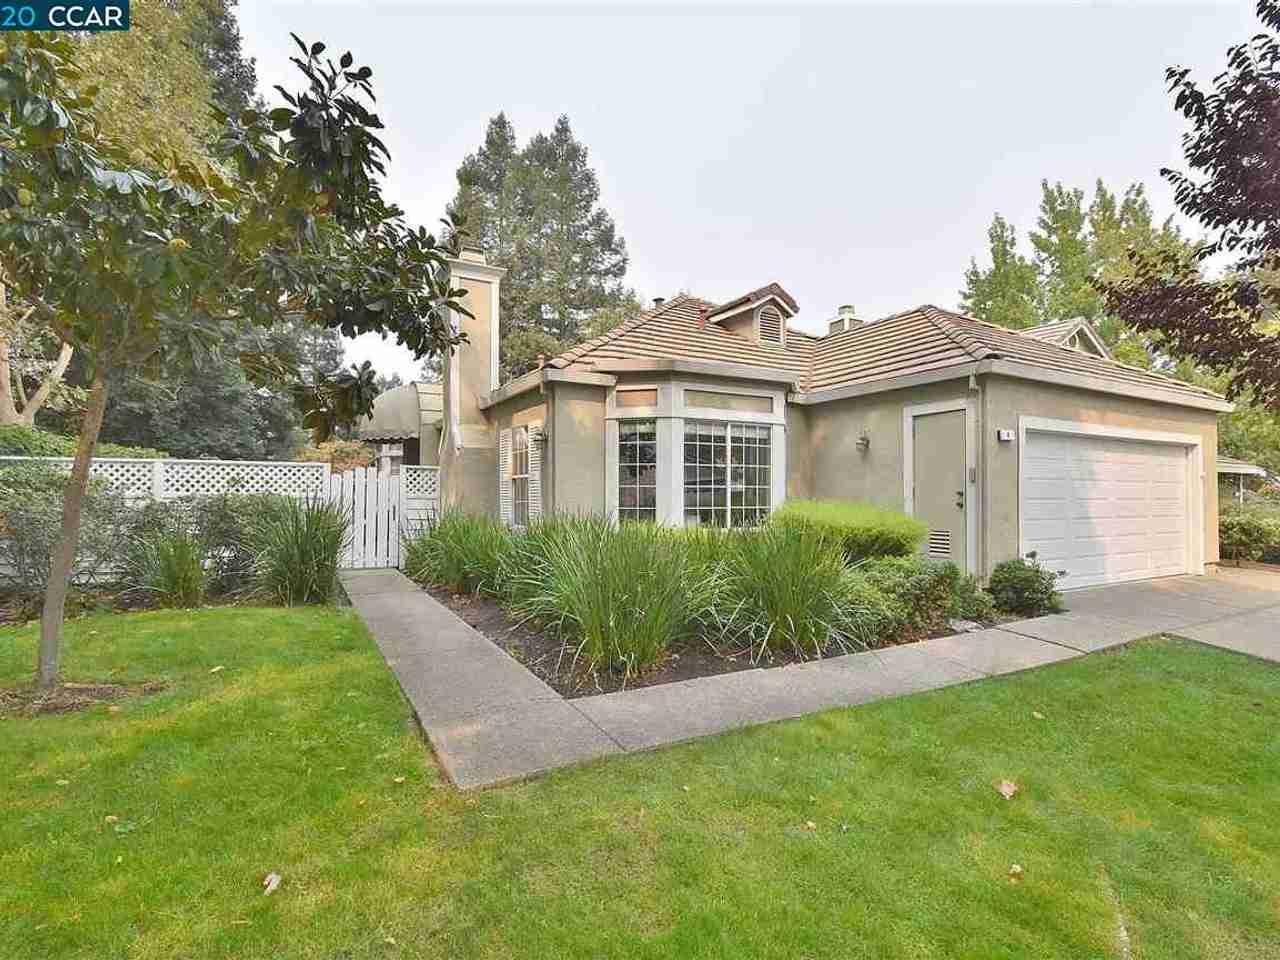 4 Stuart Place Danville, CA, 94526